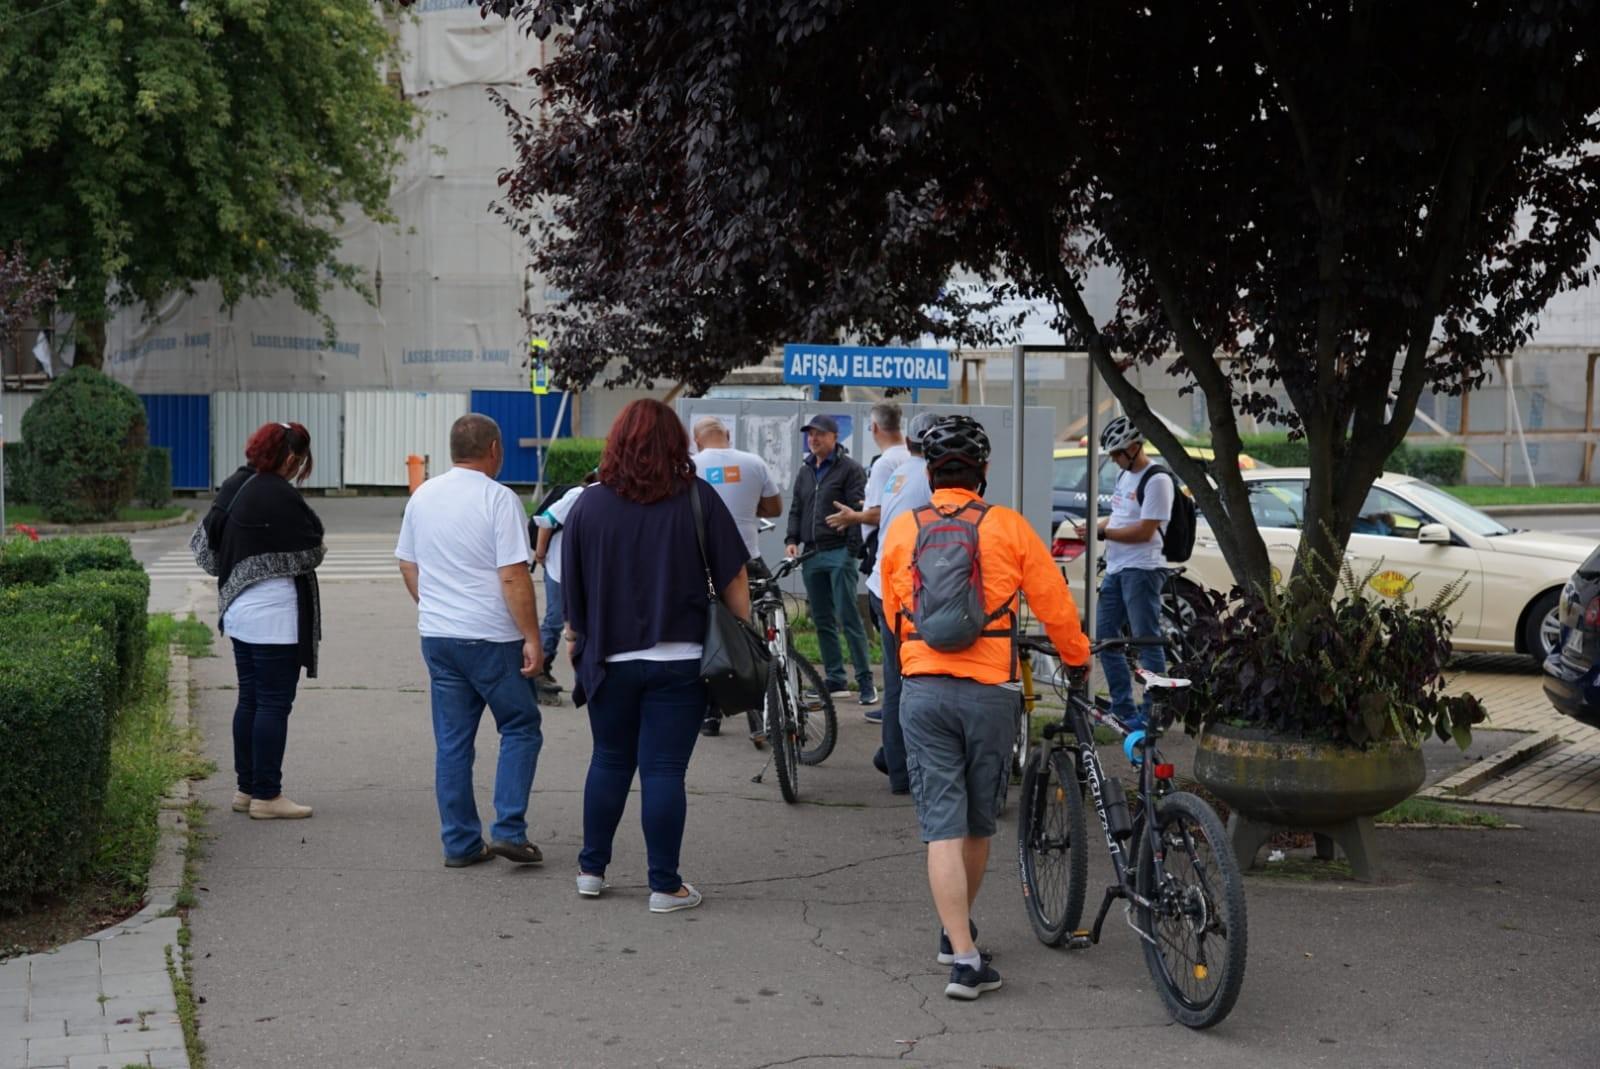 Echipa USR PLUS pentru Consiliul Județean, propune înființarea de piste pentru bicicliști care să lege localitățile din județ